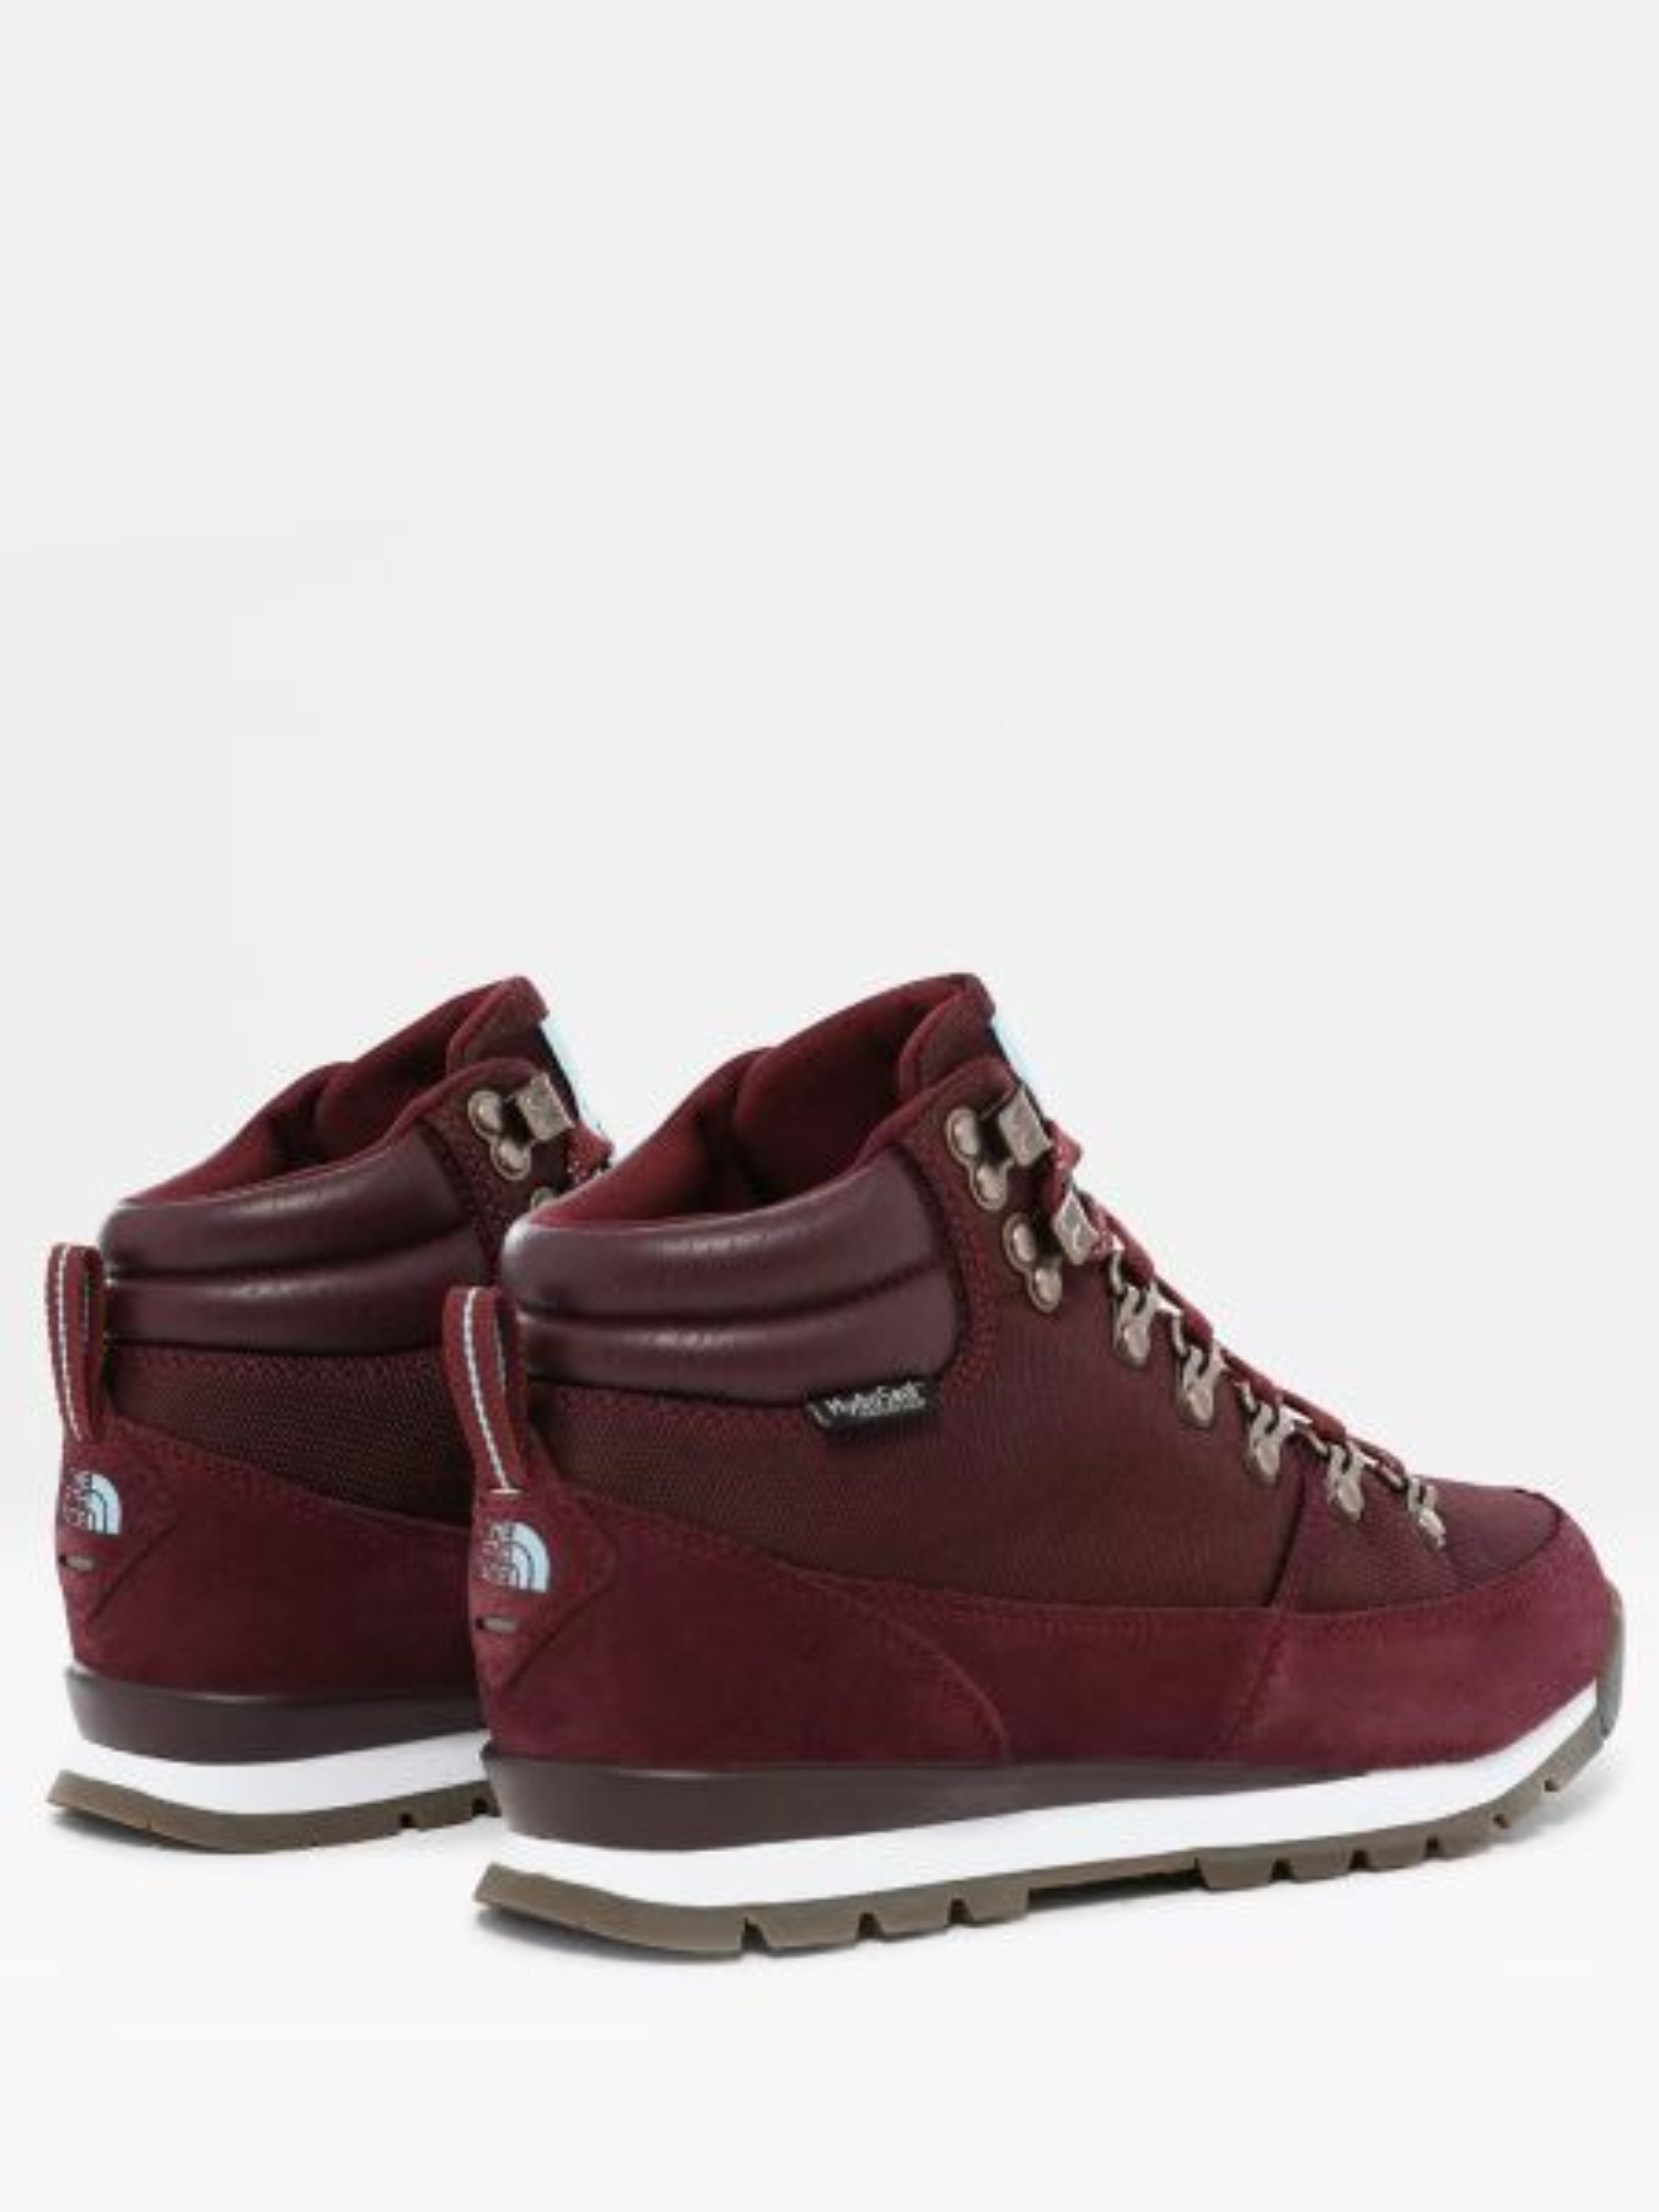 Ботинки женские The North Face Back-To-Berkeley Redux NO9791 брендовая обувь, 2017